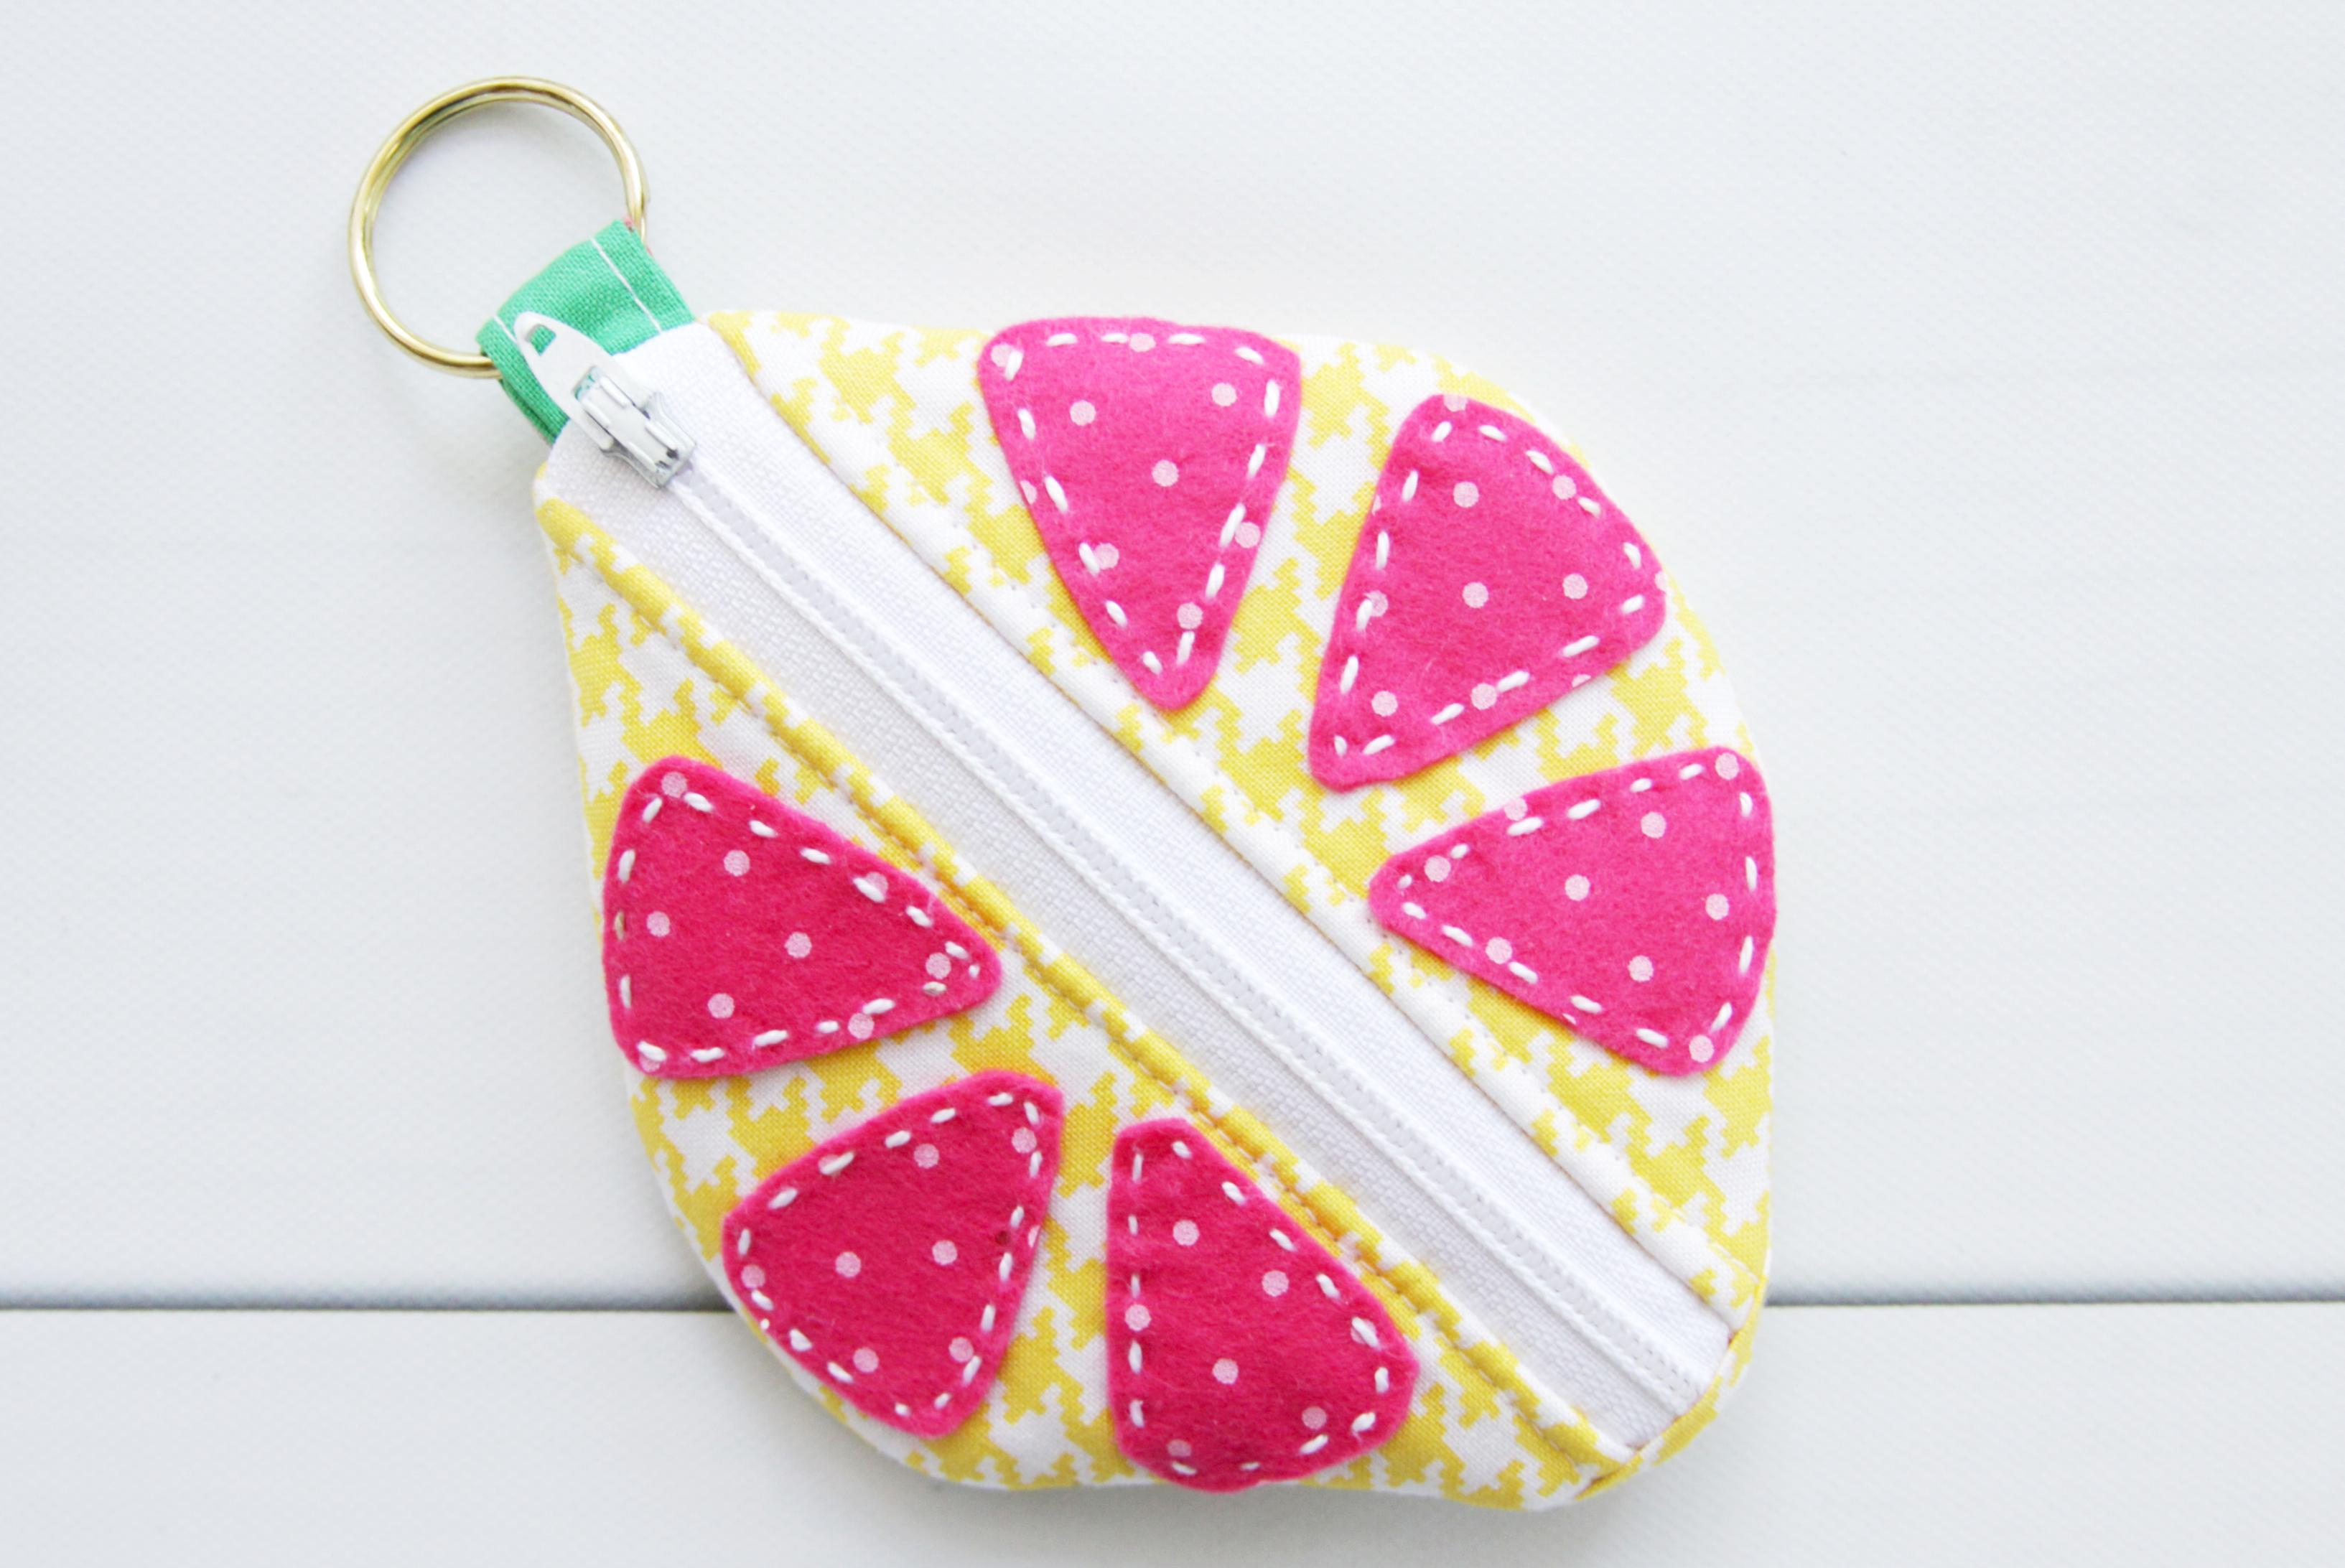 lemon-earbud-zipper-pouch